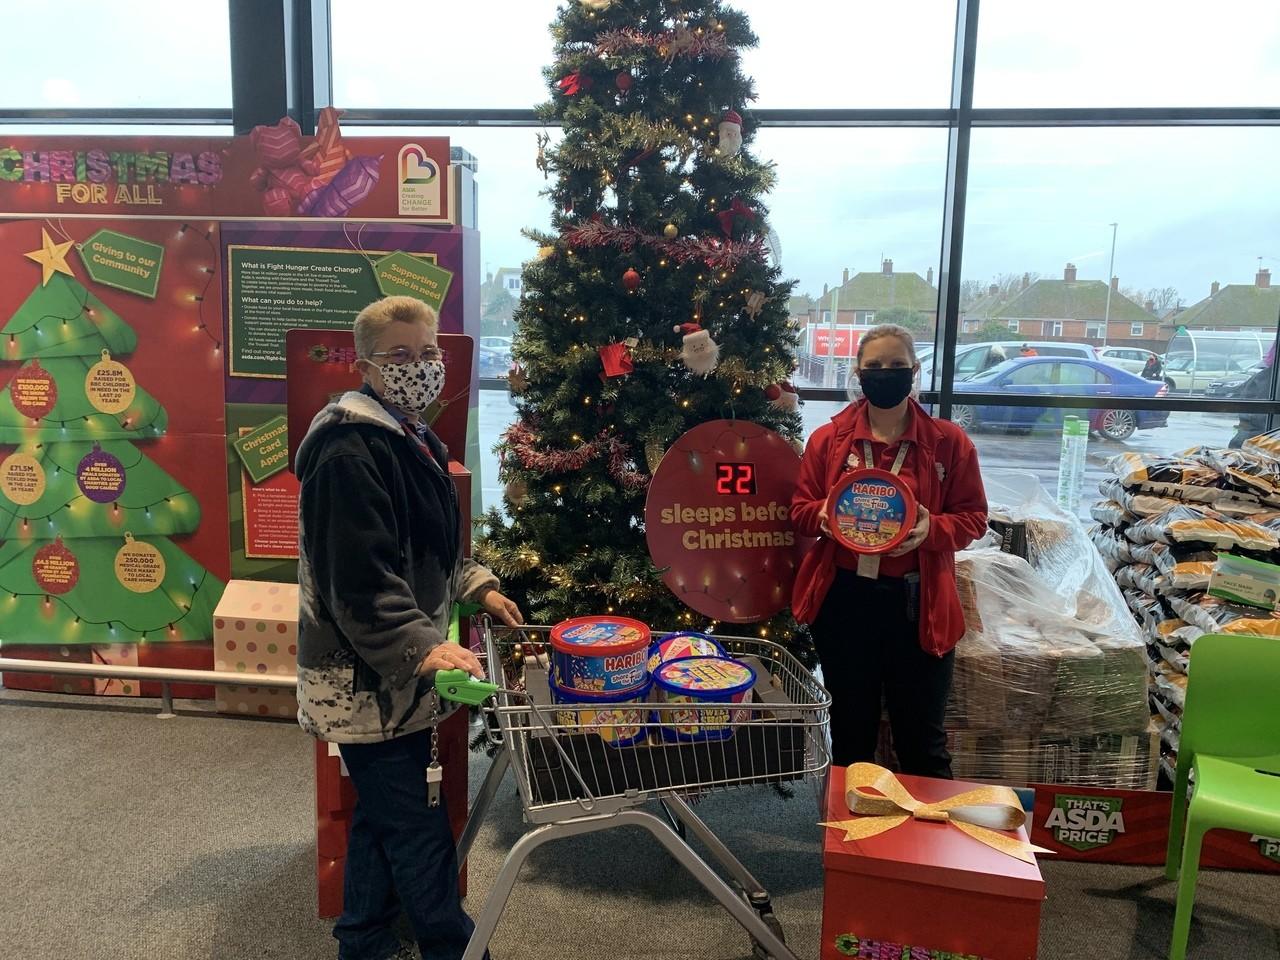 Santa's sleigh | Asda Clacton-on-Sea